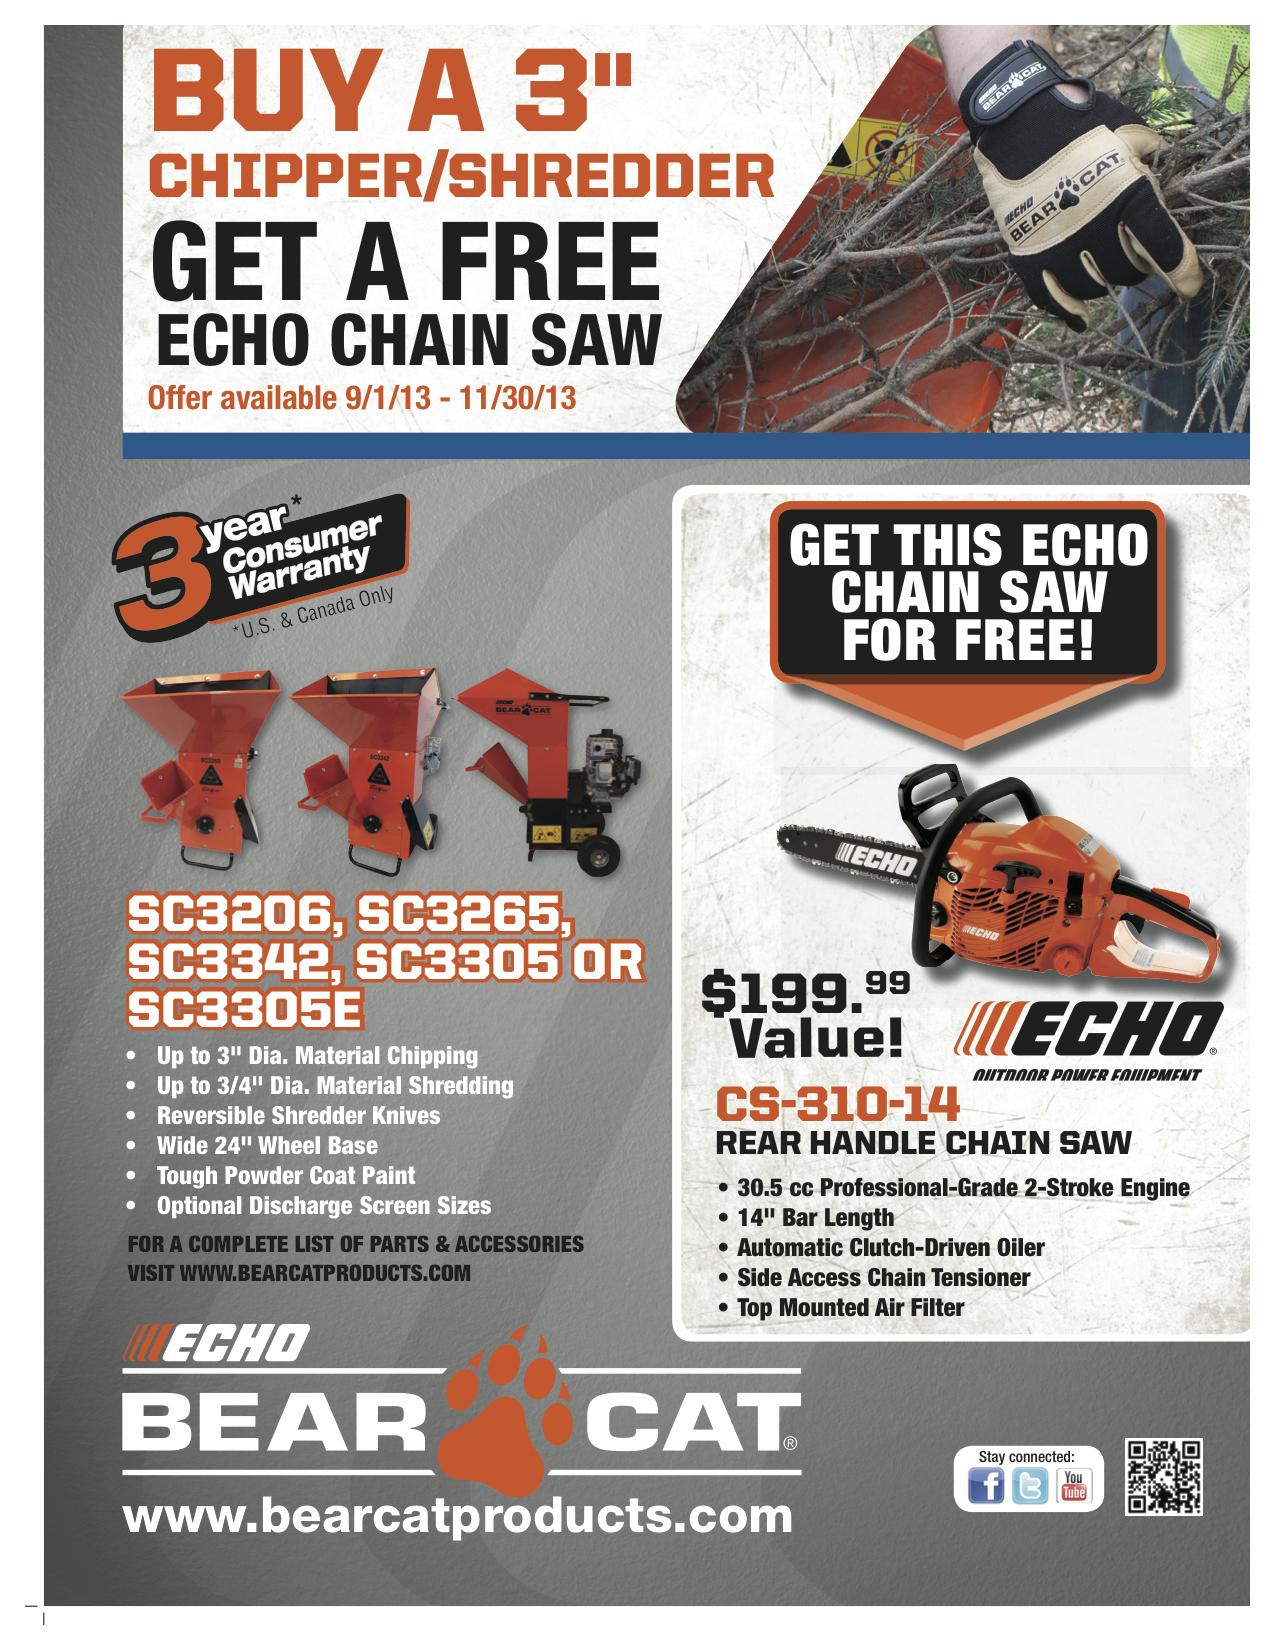 Bear Cat CS-310 promo.jpg